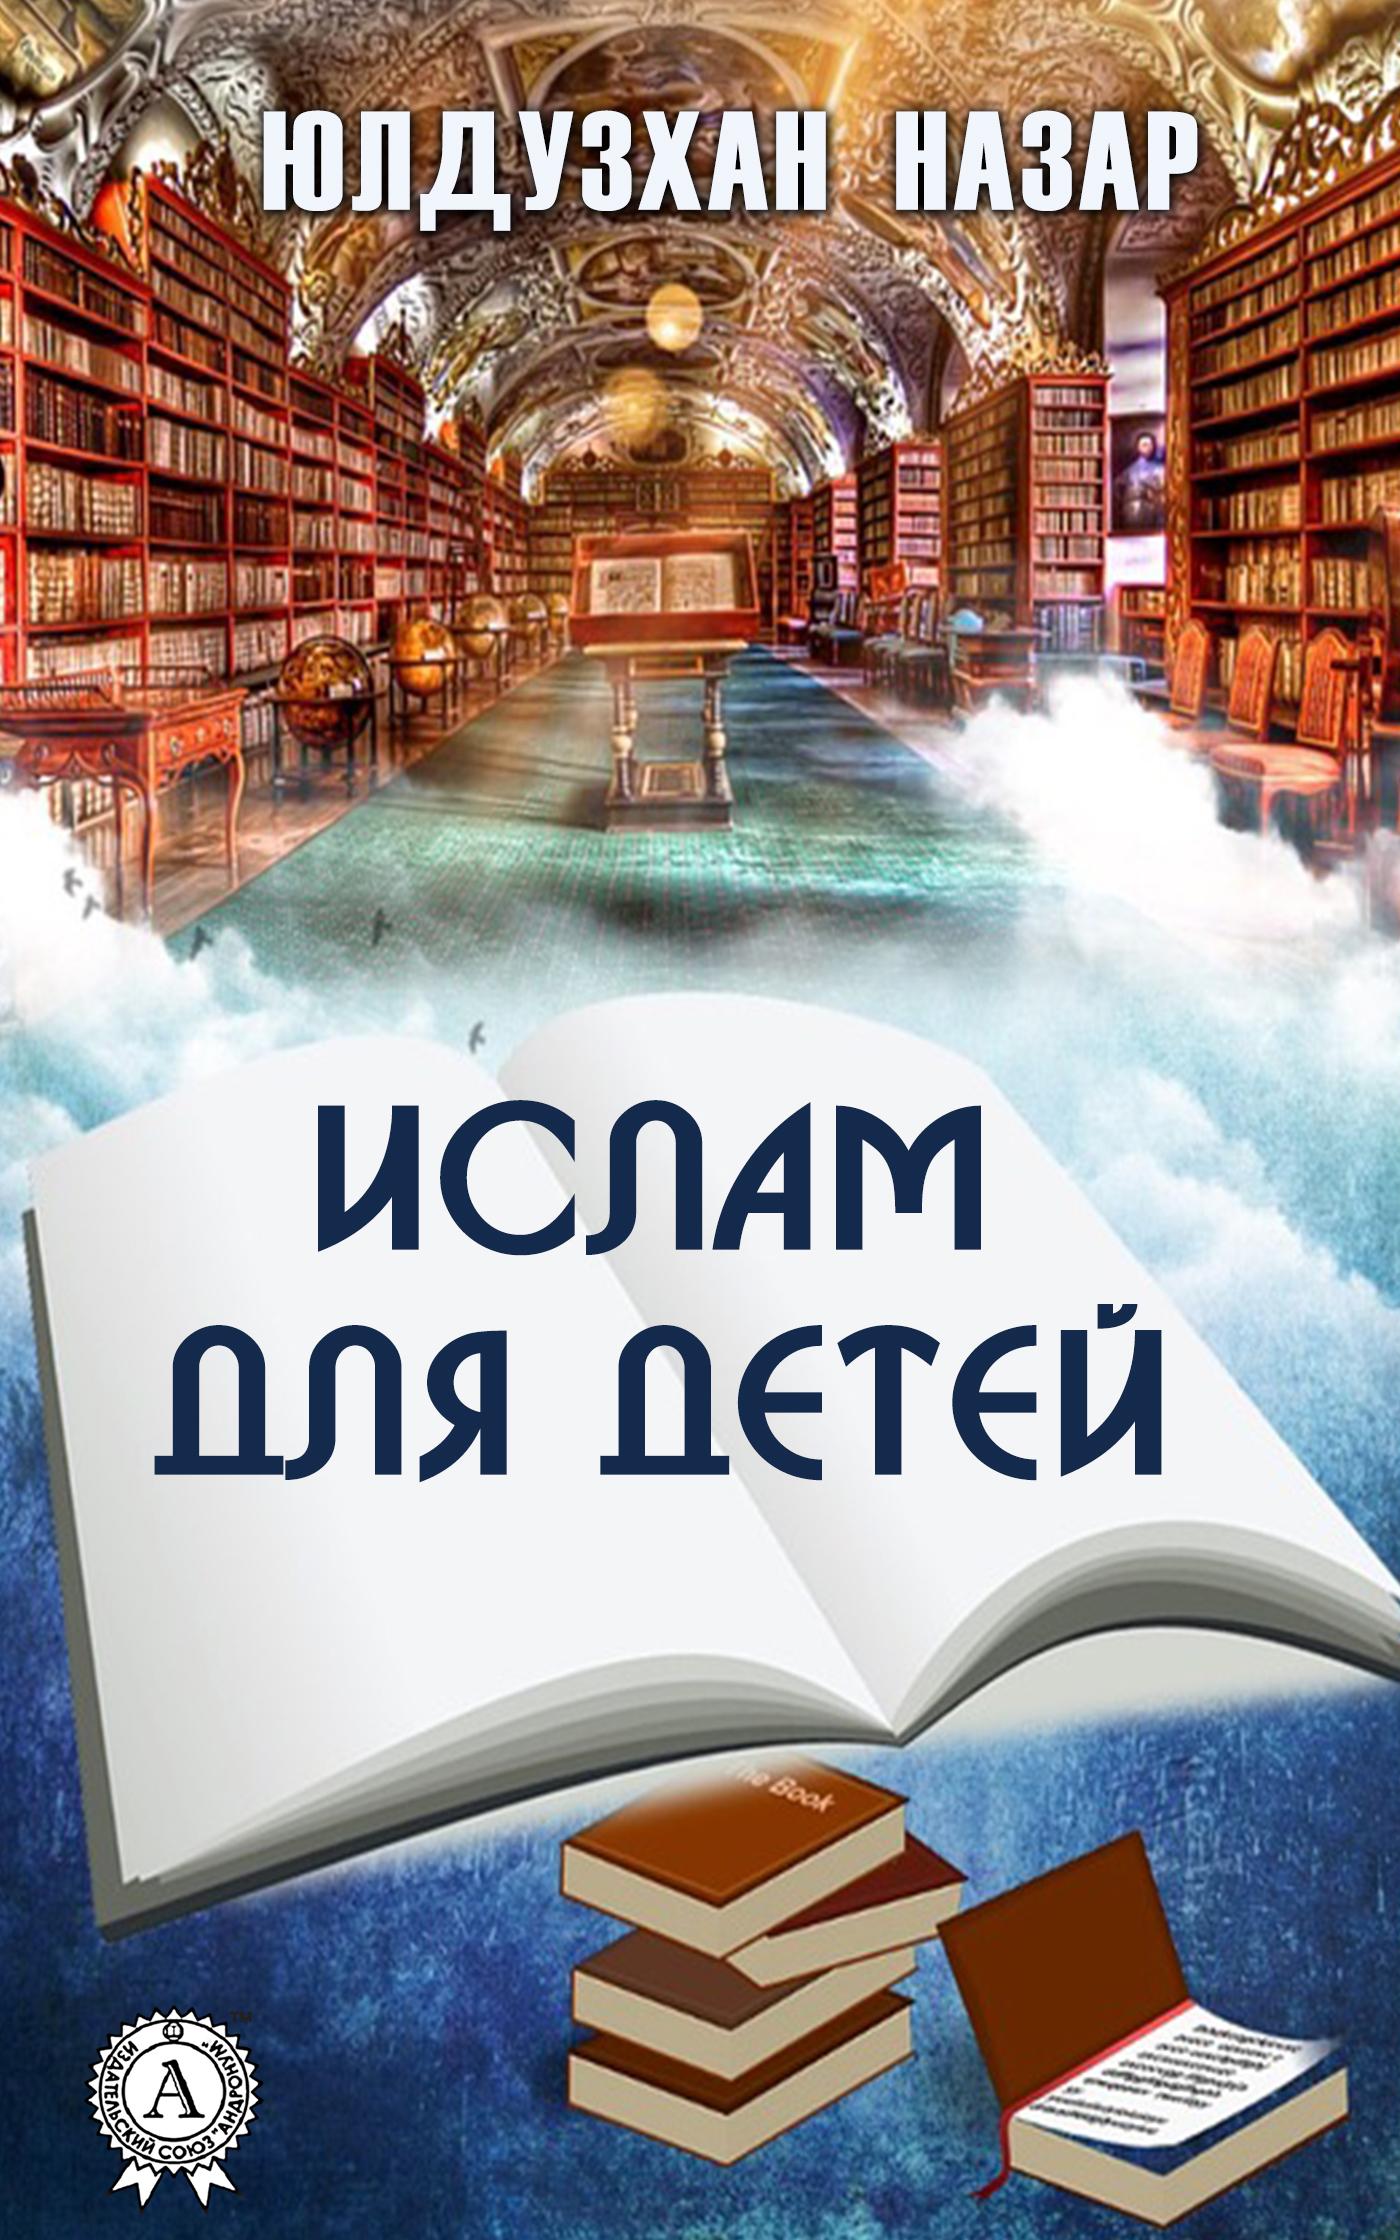 Купить книгу Ислам для детей, автора Назара Юлдузхана